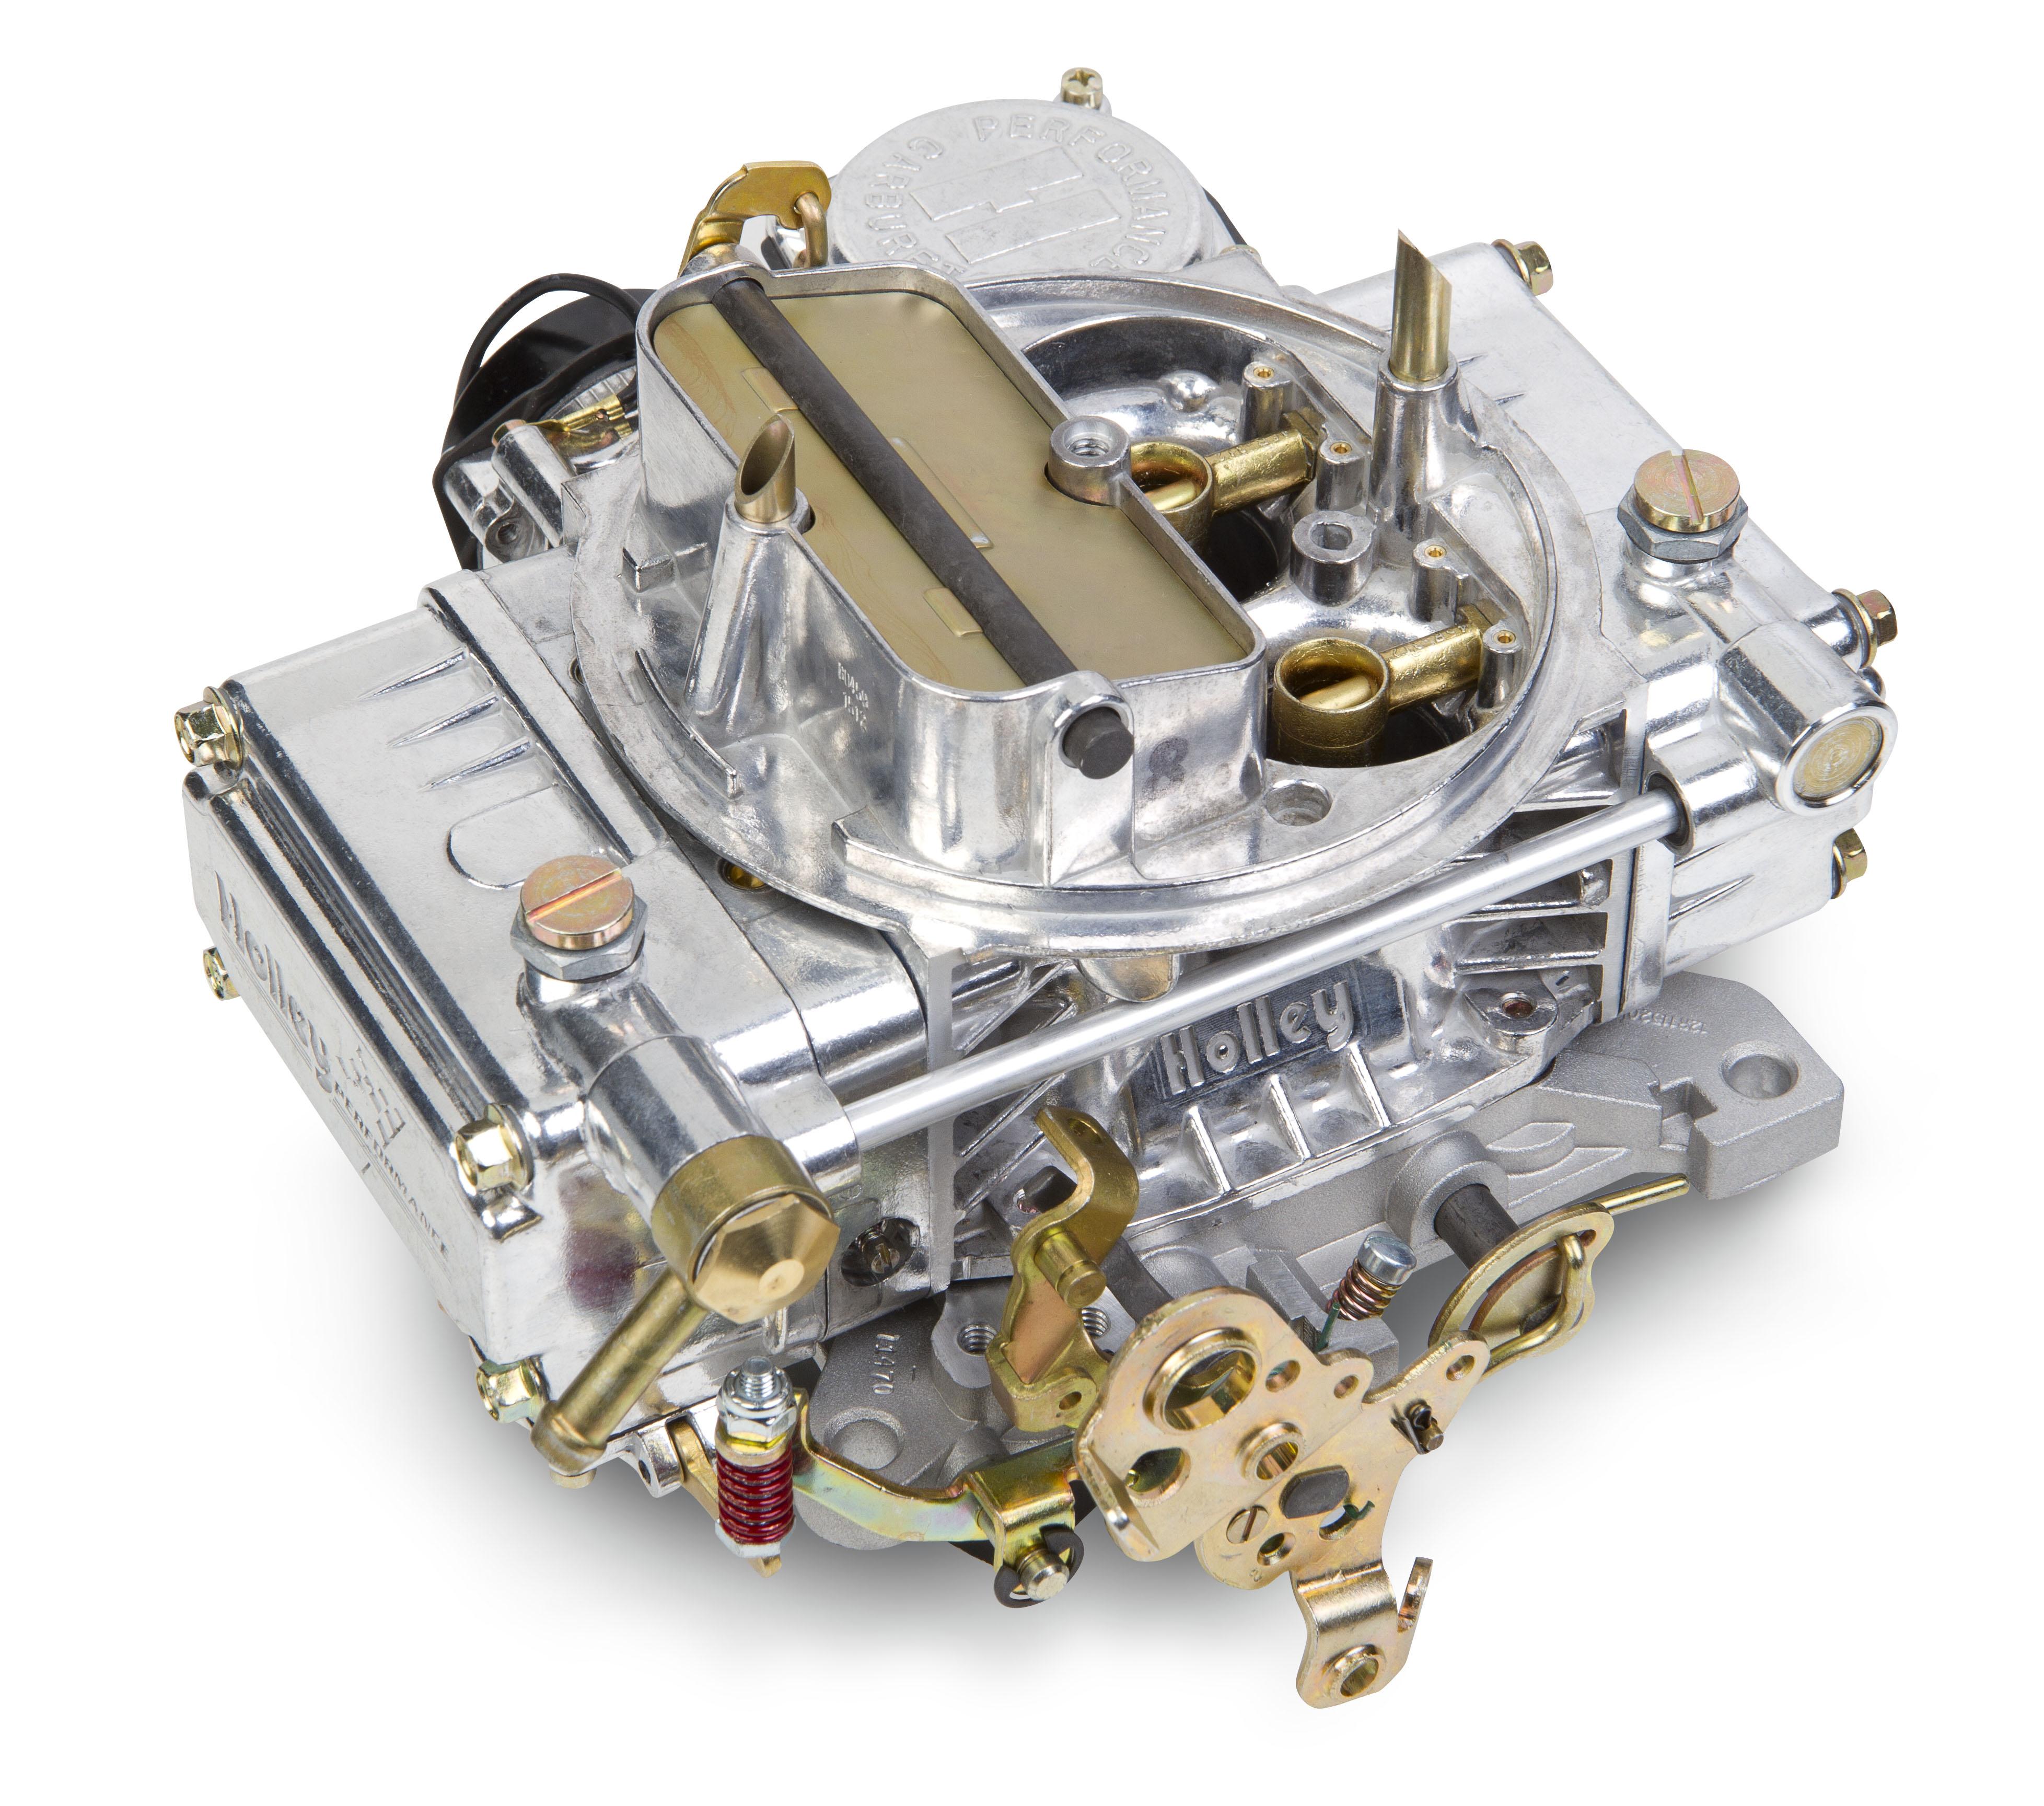 Holley Carburetors